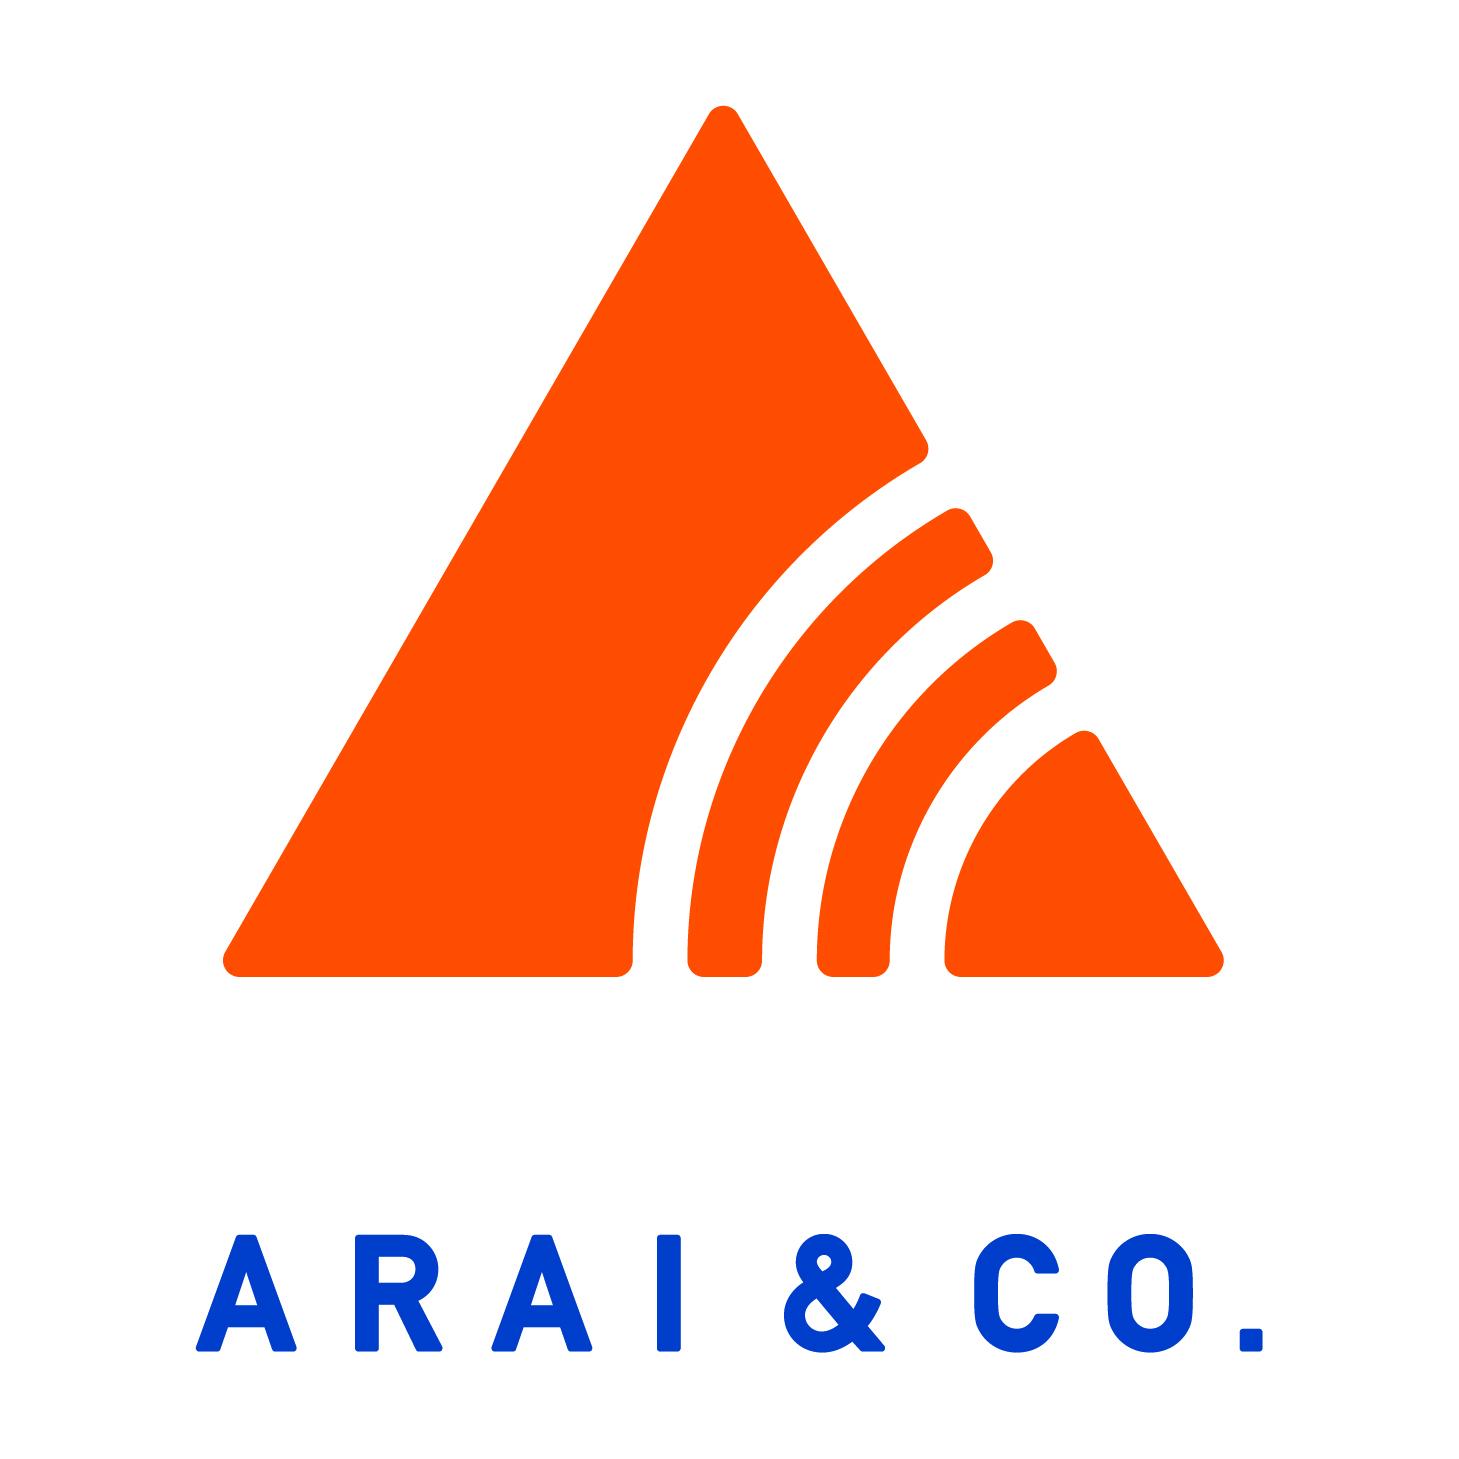 ARAI & CO. PHILIPPINES INC.